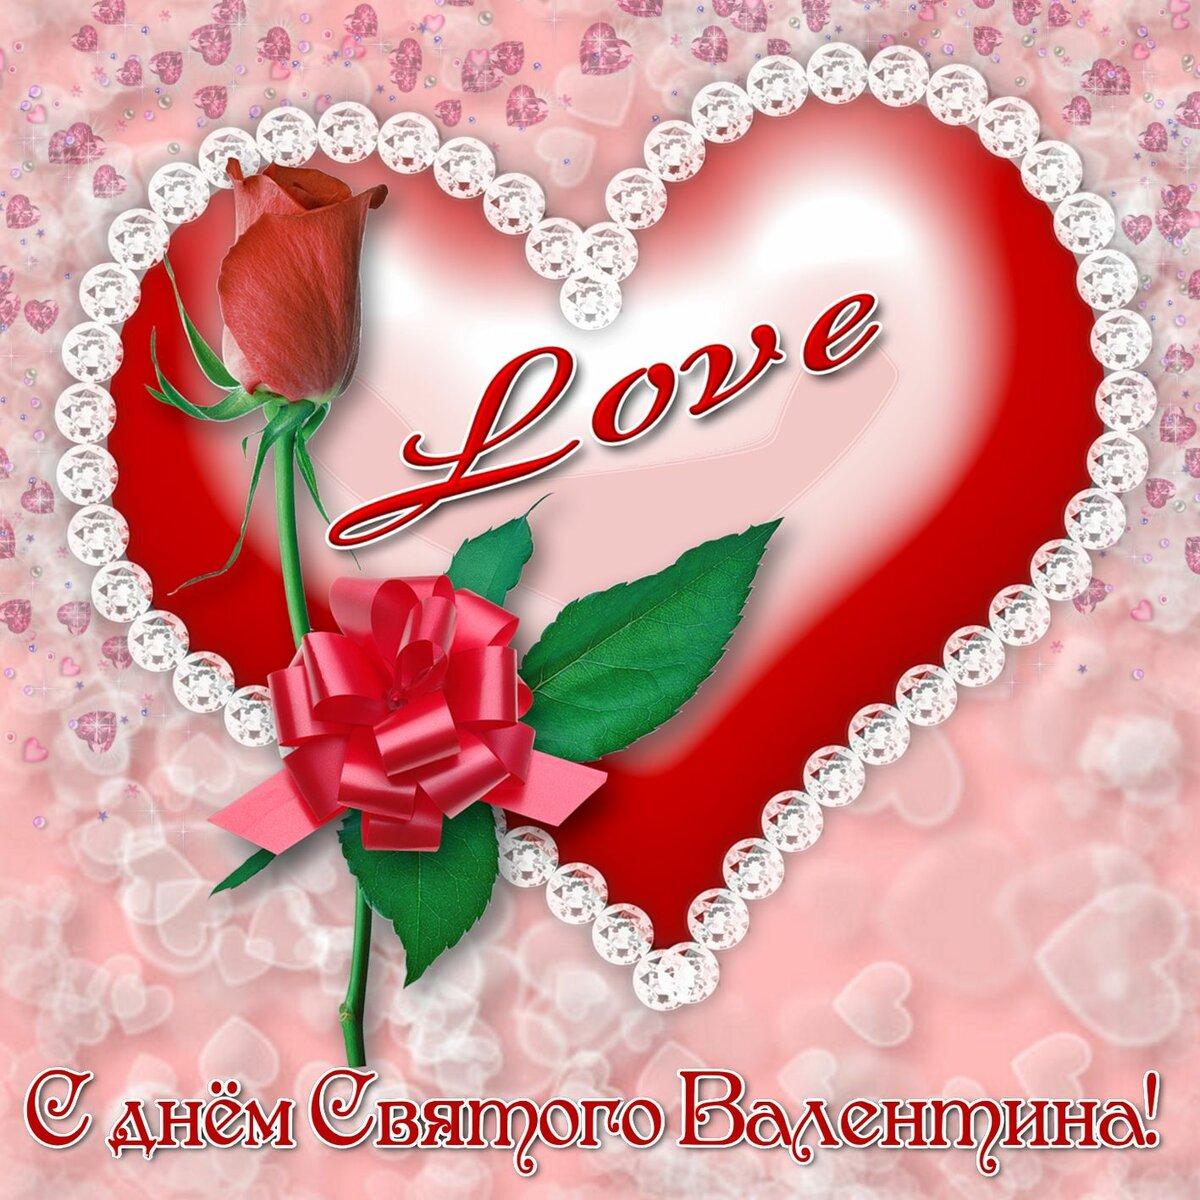 красивые поздравления с днем валентина